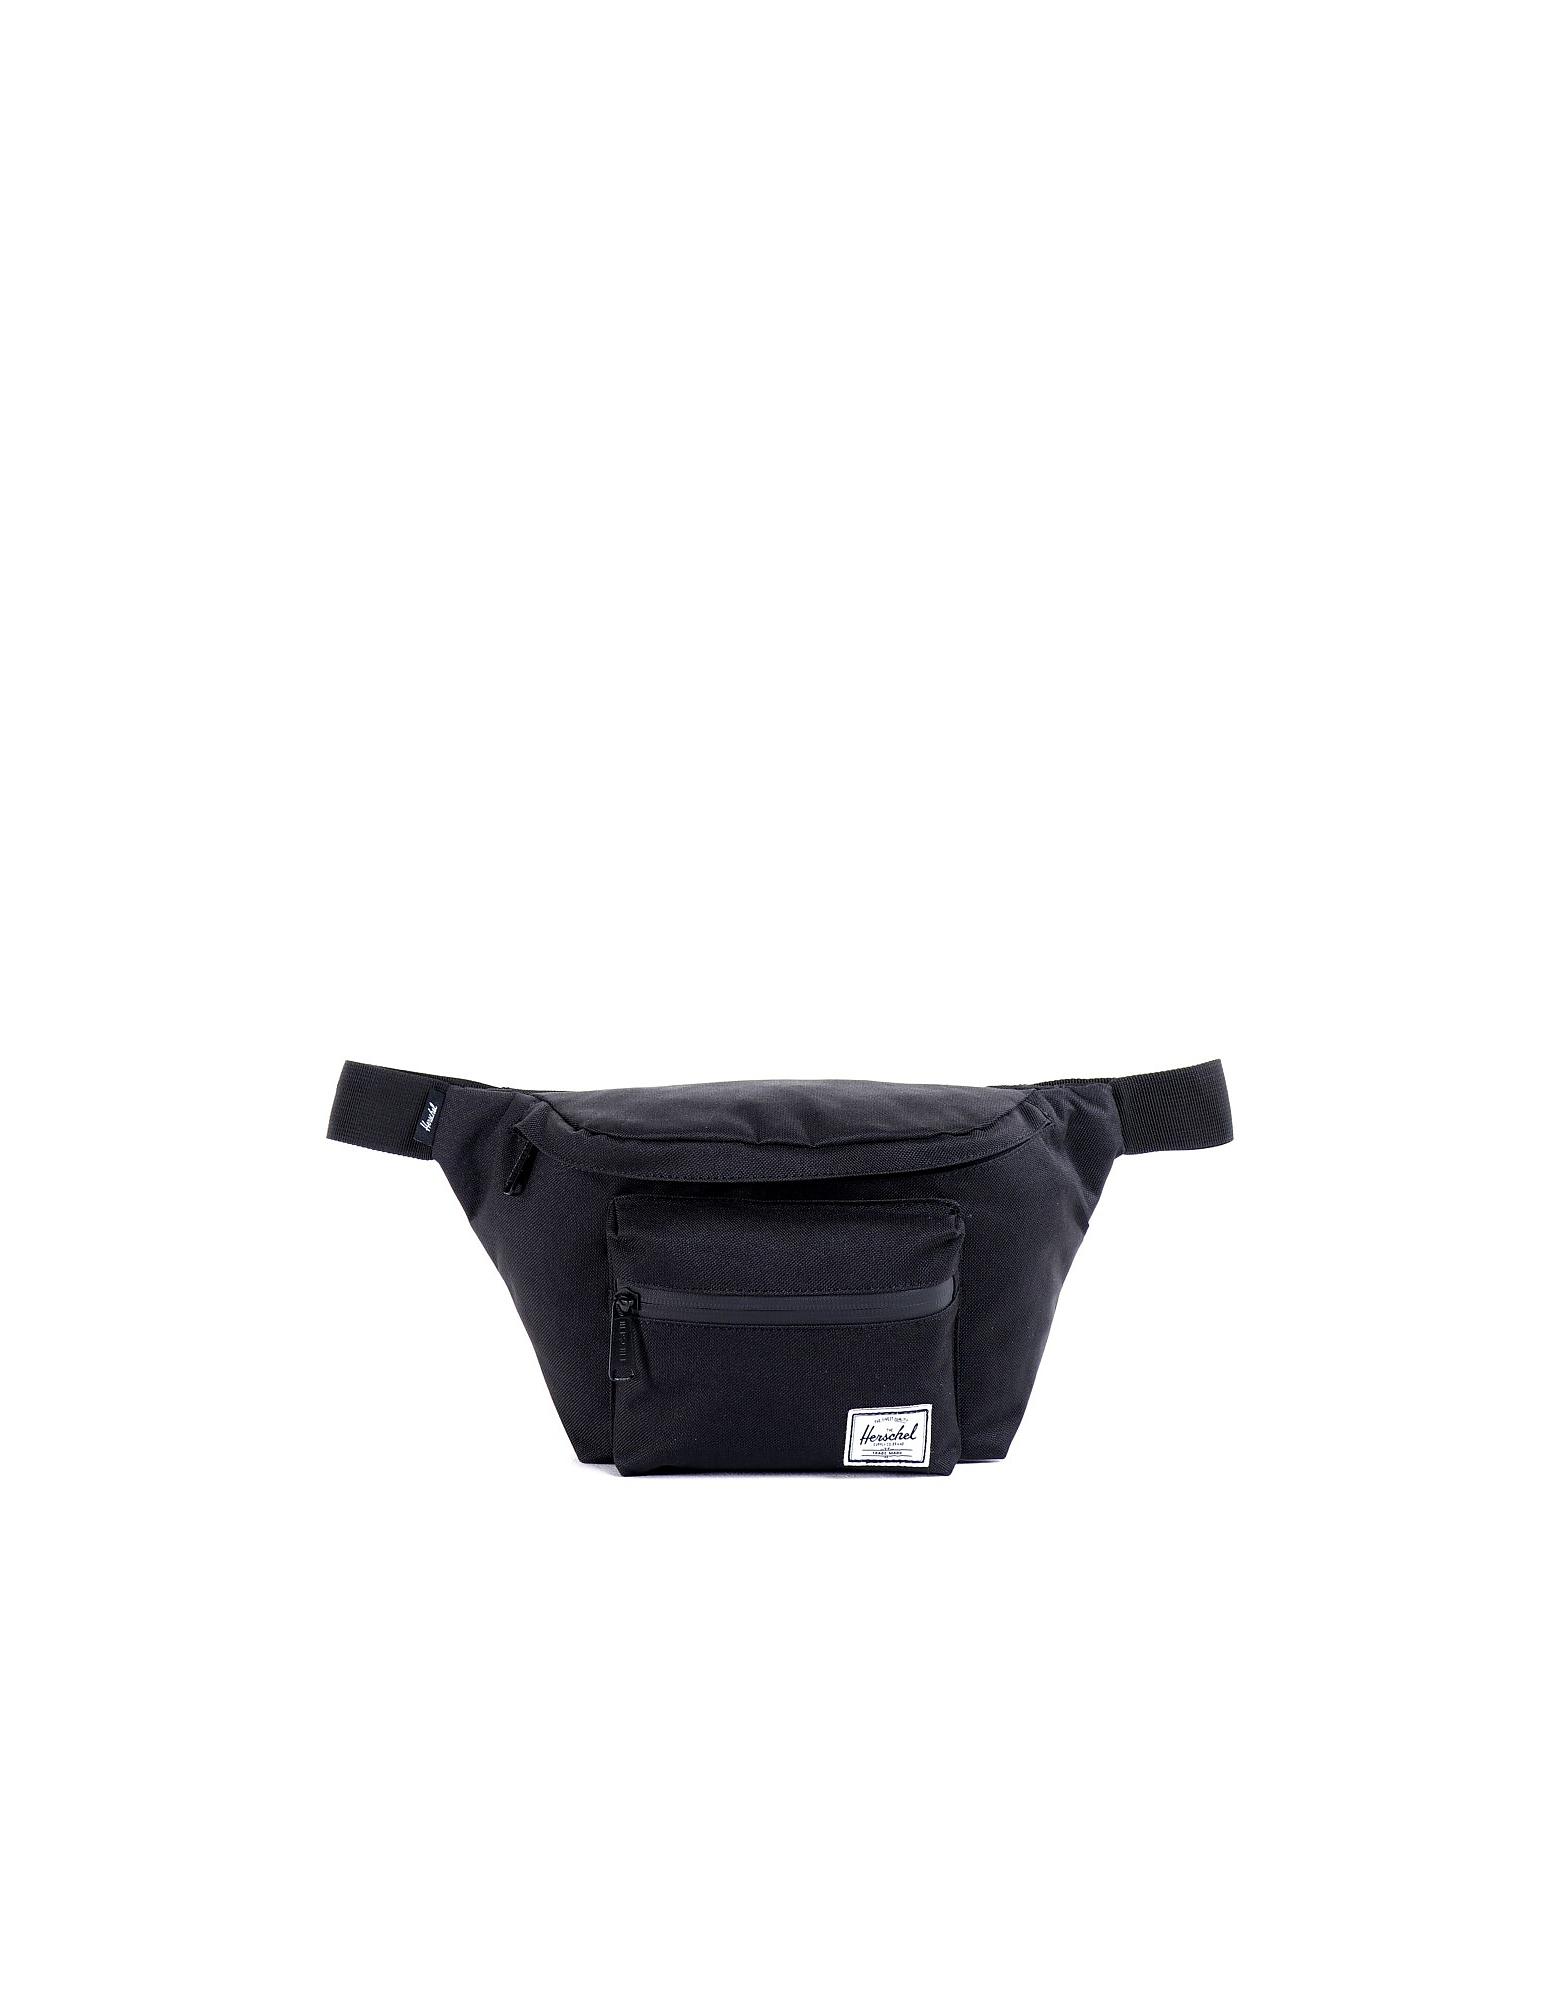 HERSCHEL 手袋, Black Belt Bag